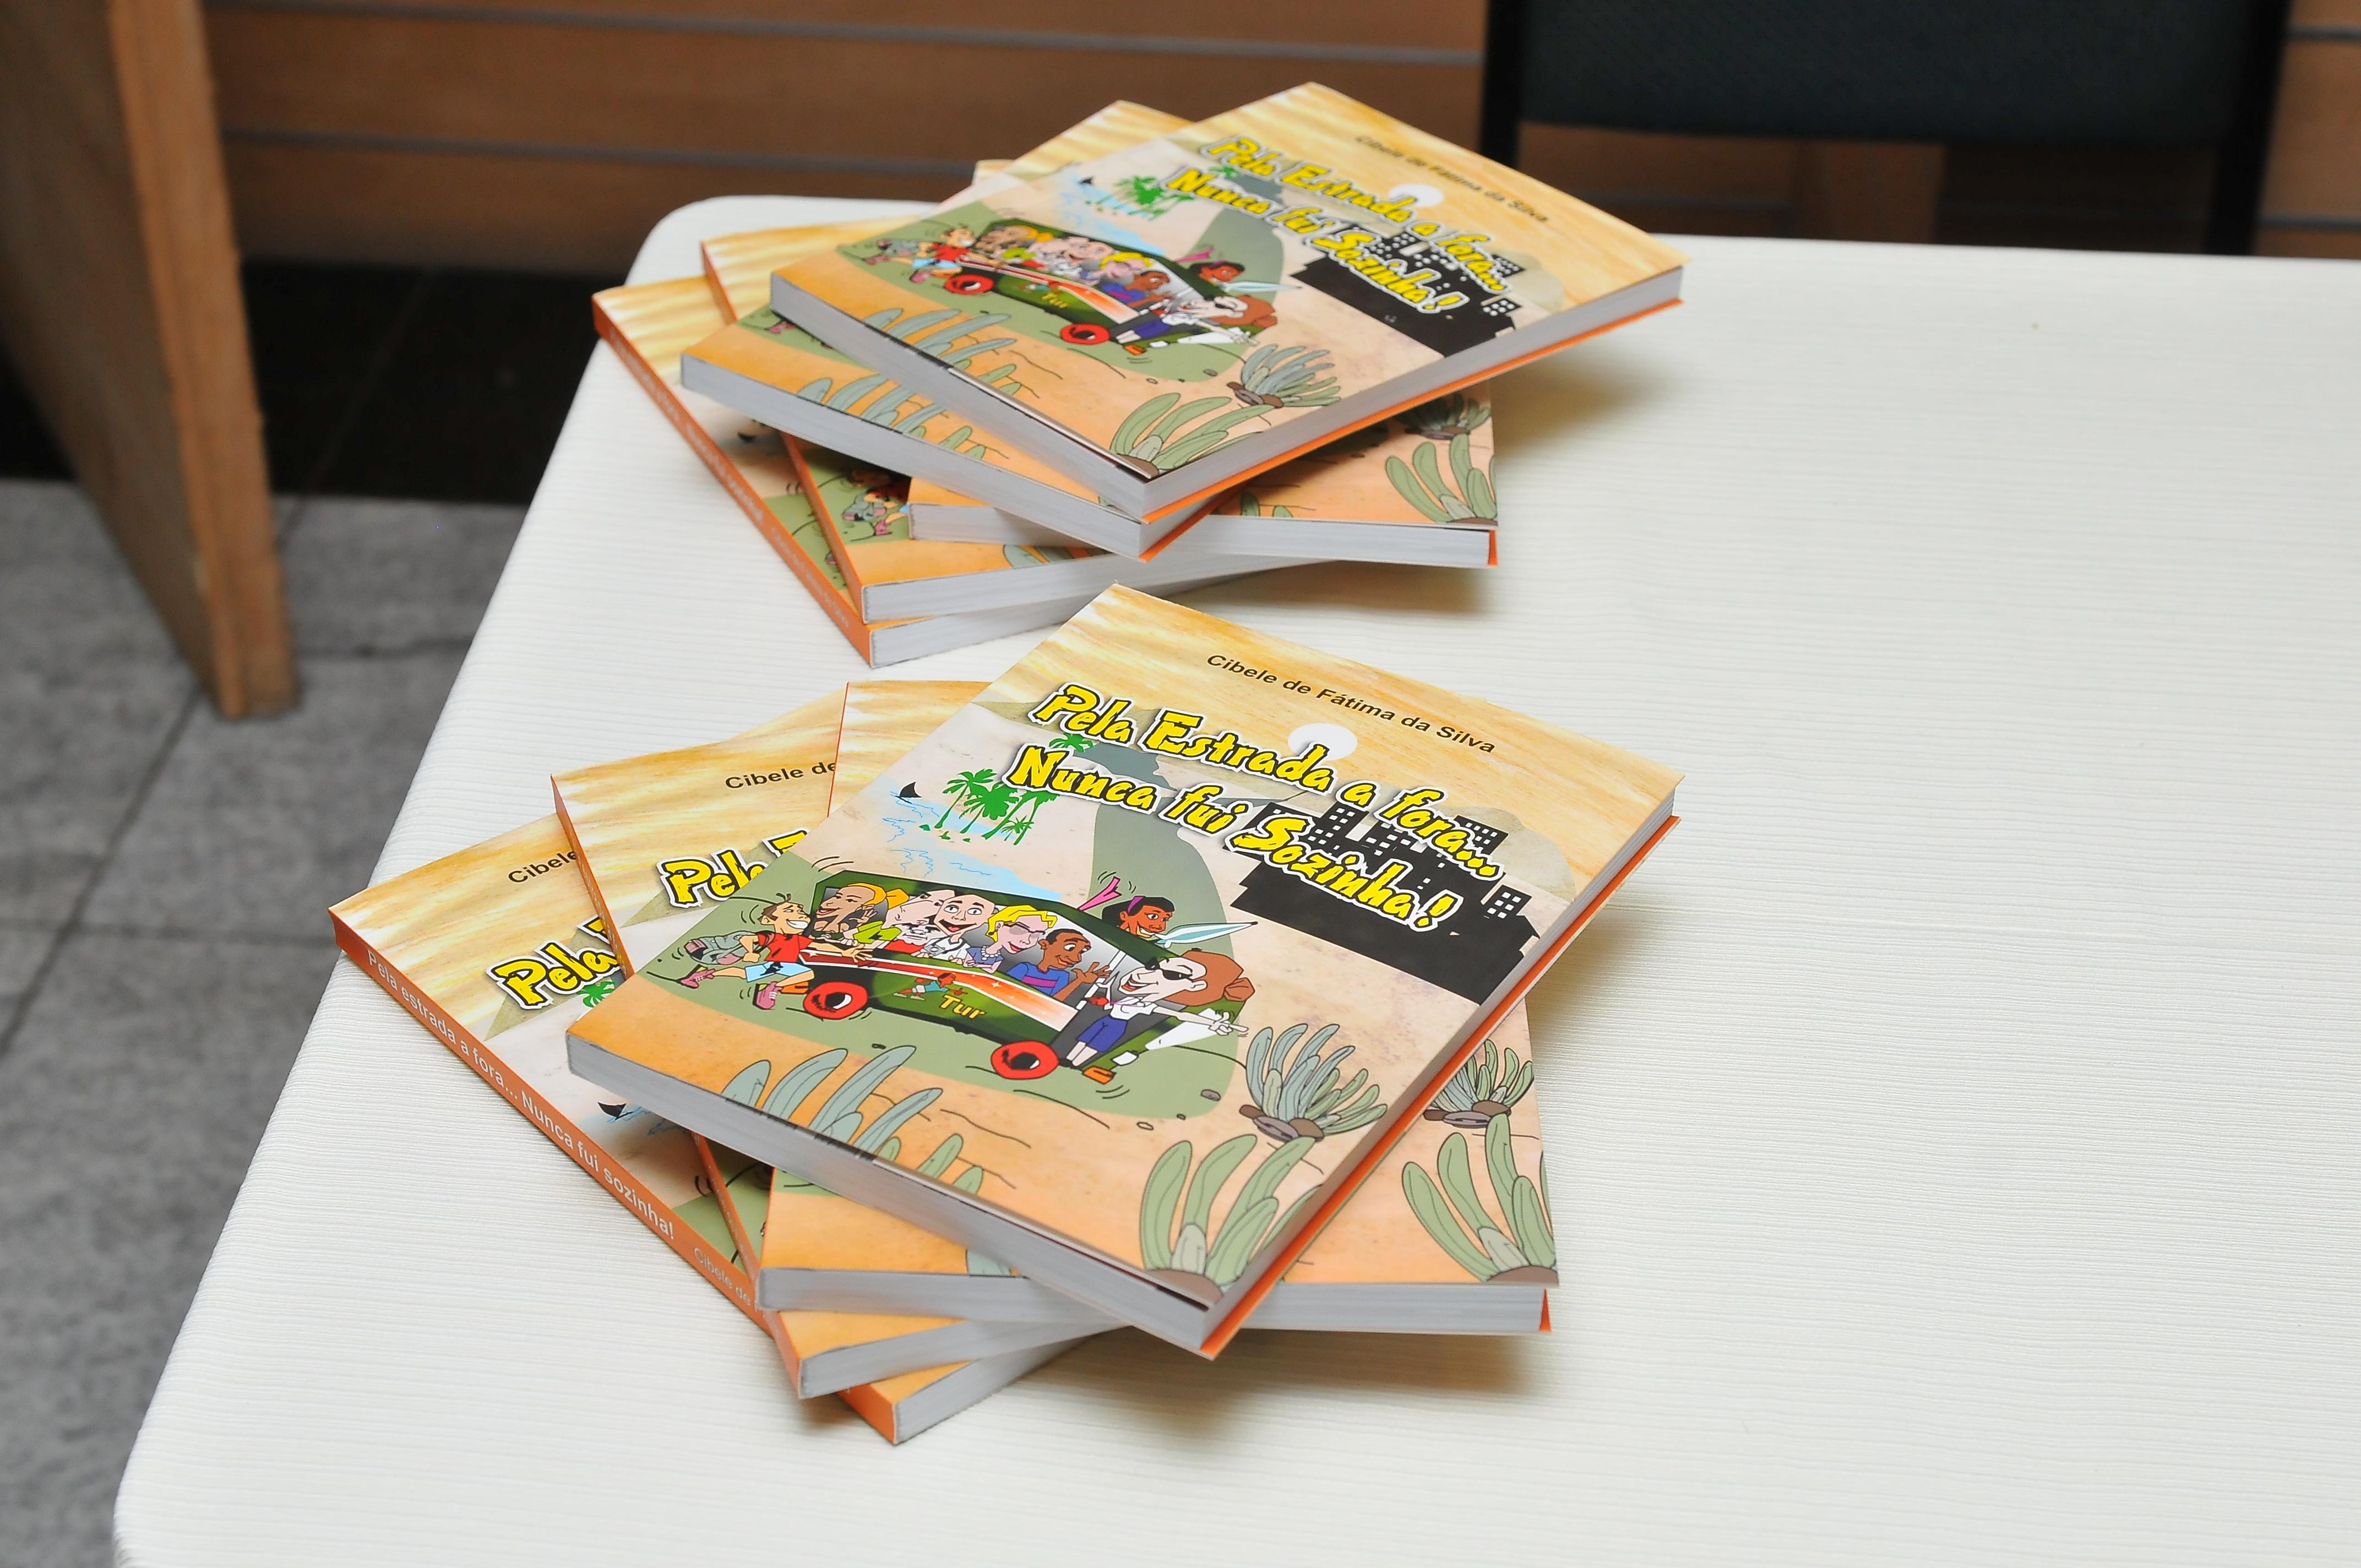 Guia de Turismo lança livro com histórias inusitadas no litoral cearense